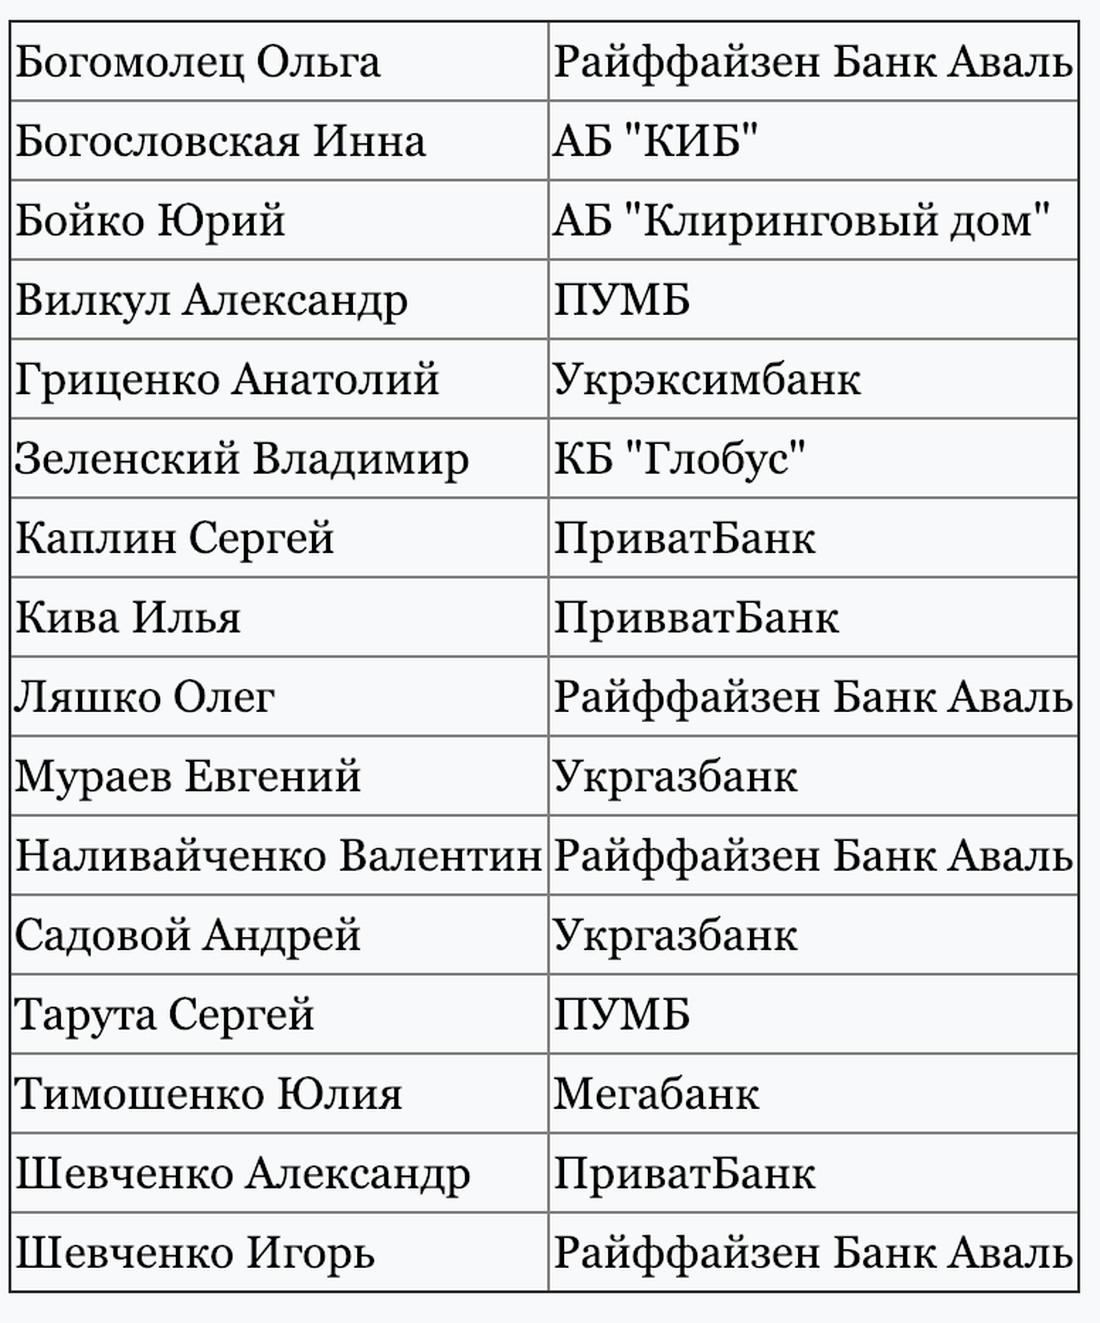 Банки, в которых открыты счета избирательного фонда кандидатов в президенты